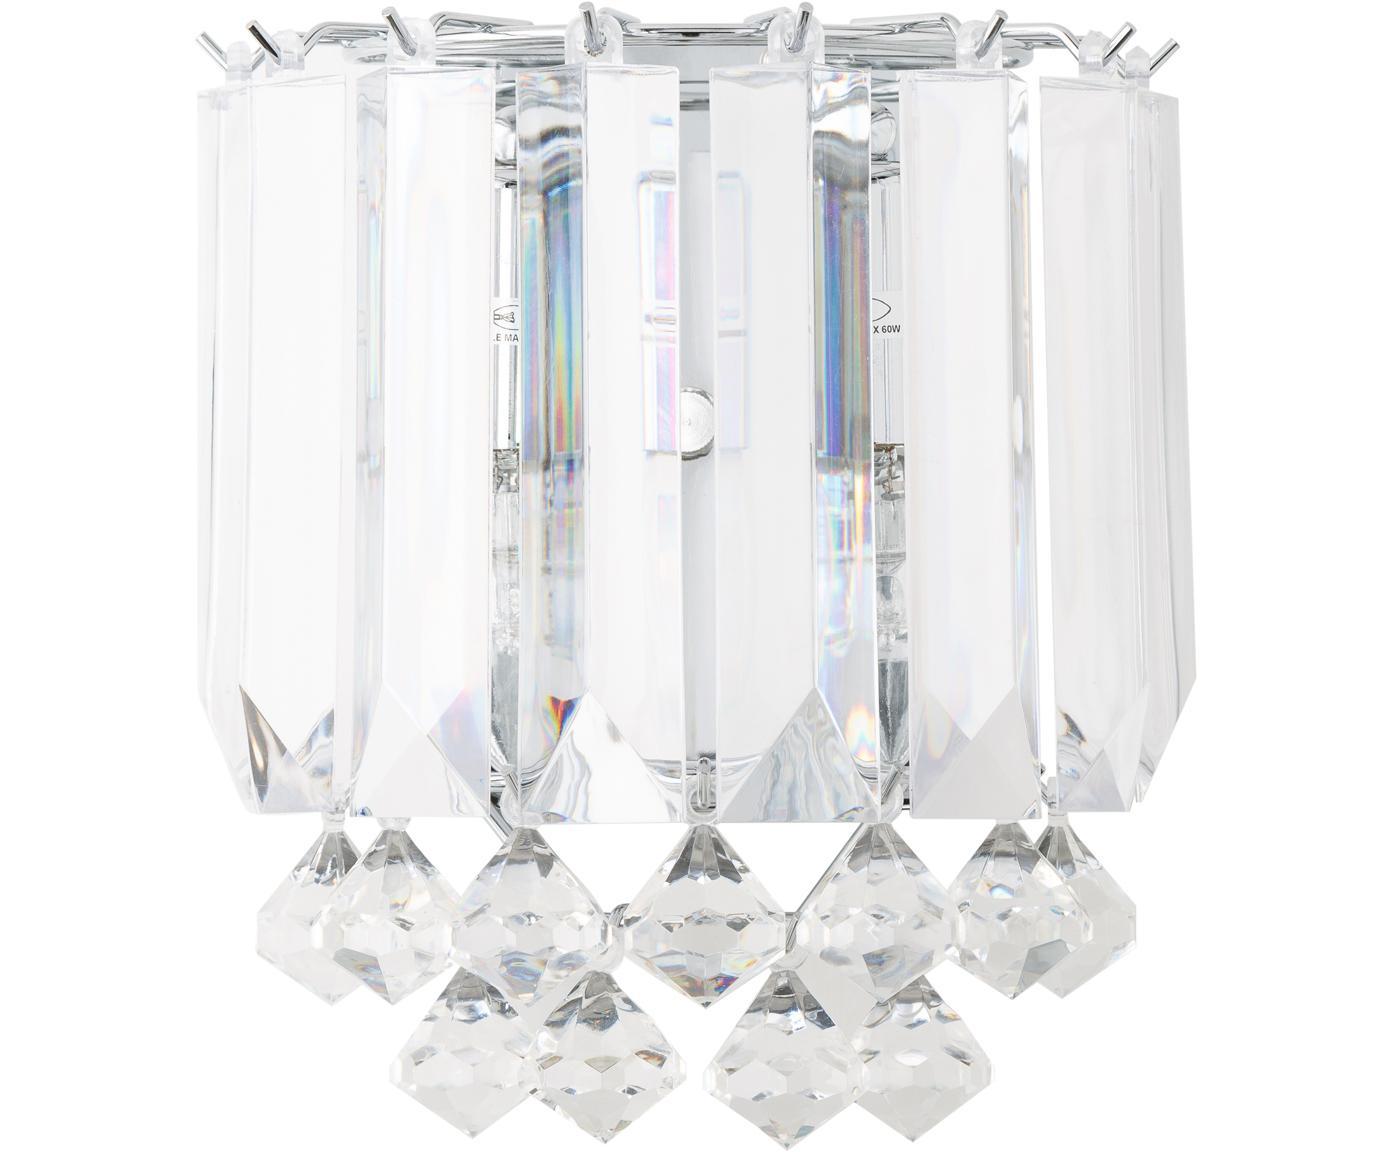 Wandlamp Modern, Metaal, kunststof, Zilverkleurig, 23 x 23 cm